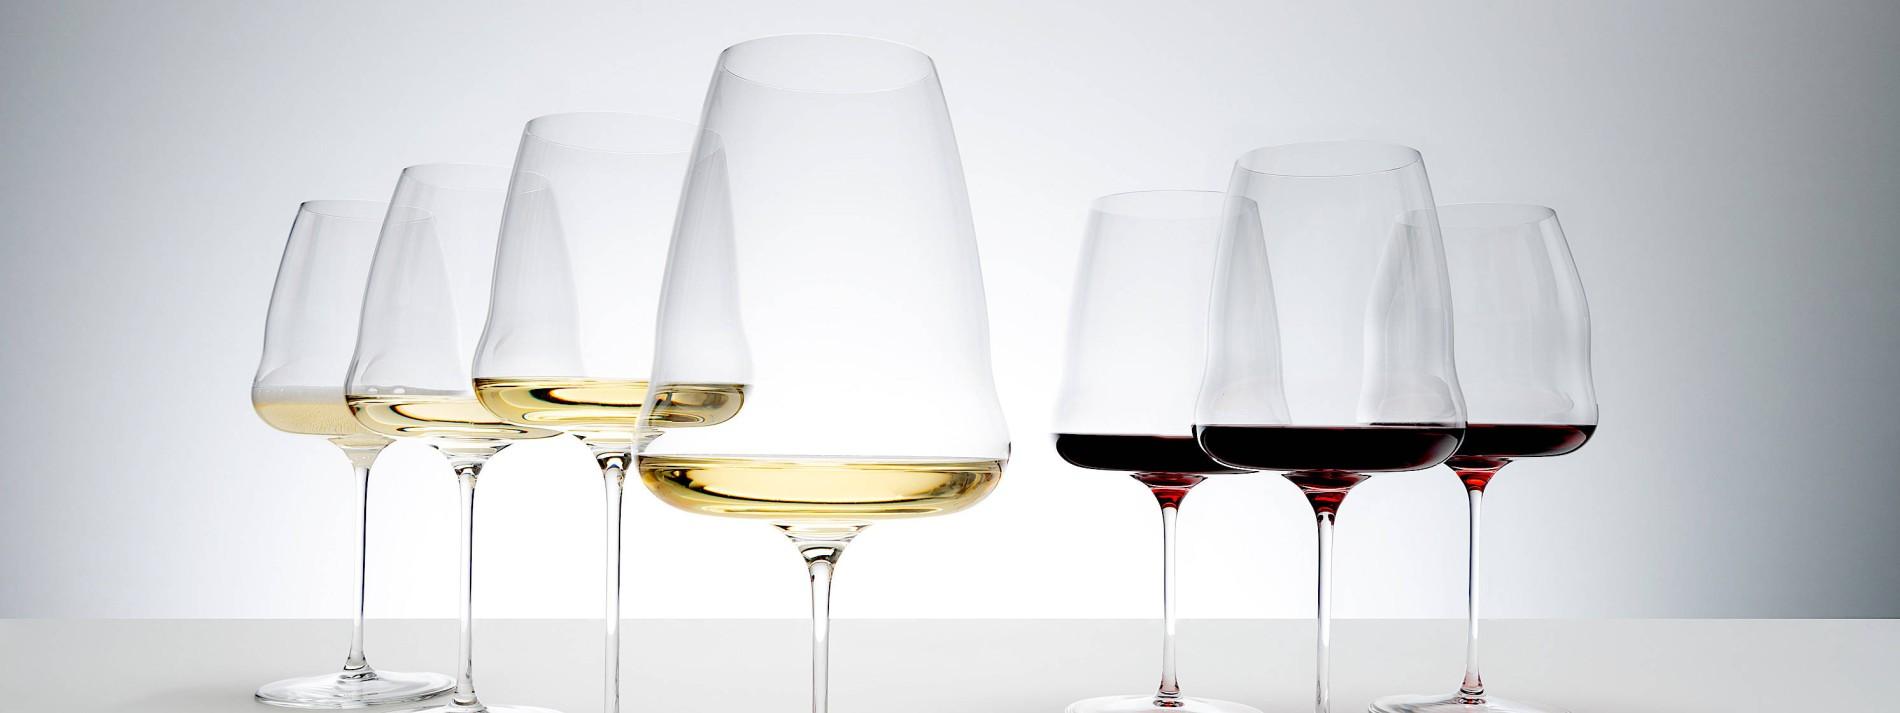 Flügel für den Wein